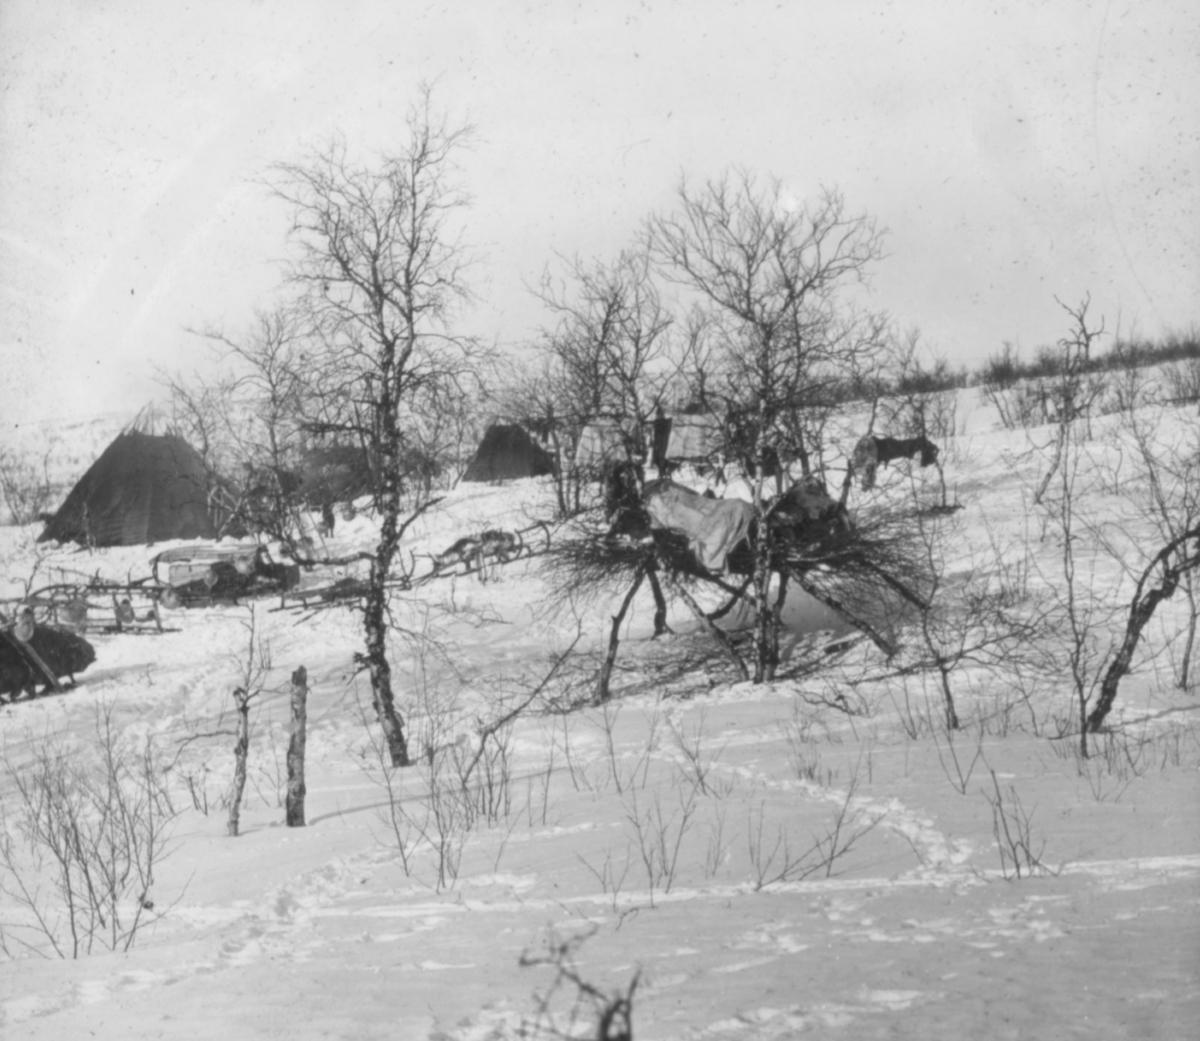 """""""N.327.) Forgrunnen samenes """"stabbur"""" står det på glassplaten. Samisk boplass. Bak trærne står flere samise telt, sleder er parkert rundt og foran teltene. Fremst i bildet er det bygget en oppbevaringsplass for mat, i god høyde over bakken, med et lager kvister tildekket med tekstil eller reinsdyrskinn.  Det er vinter og mange fotspor i snøen."""